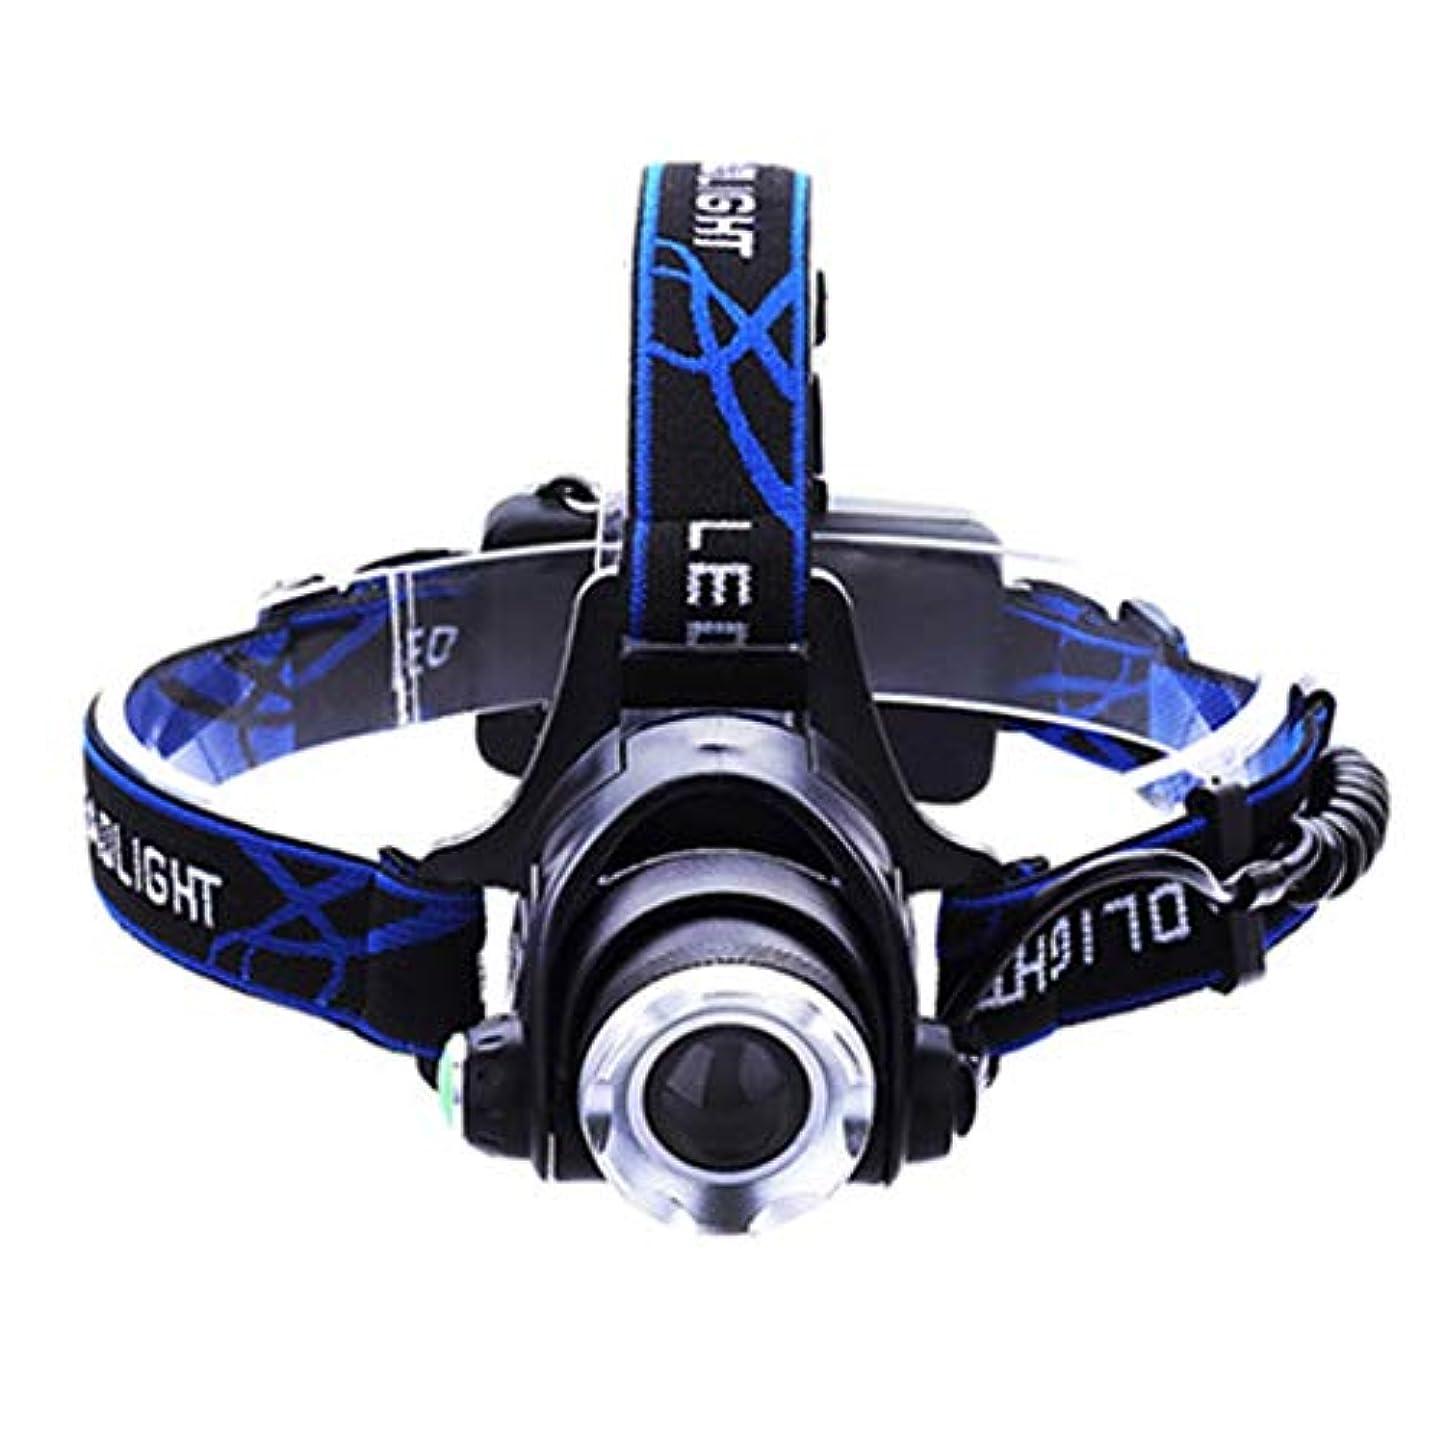 暫定計り知れないかすれたヘッドライト LEDヘッドライトグレア充電誘導ズームヘッドライト懐中電灯明るい防水ライトと快適な LEDヘッドライト